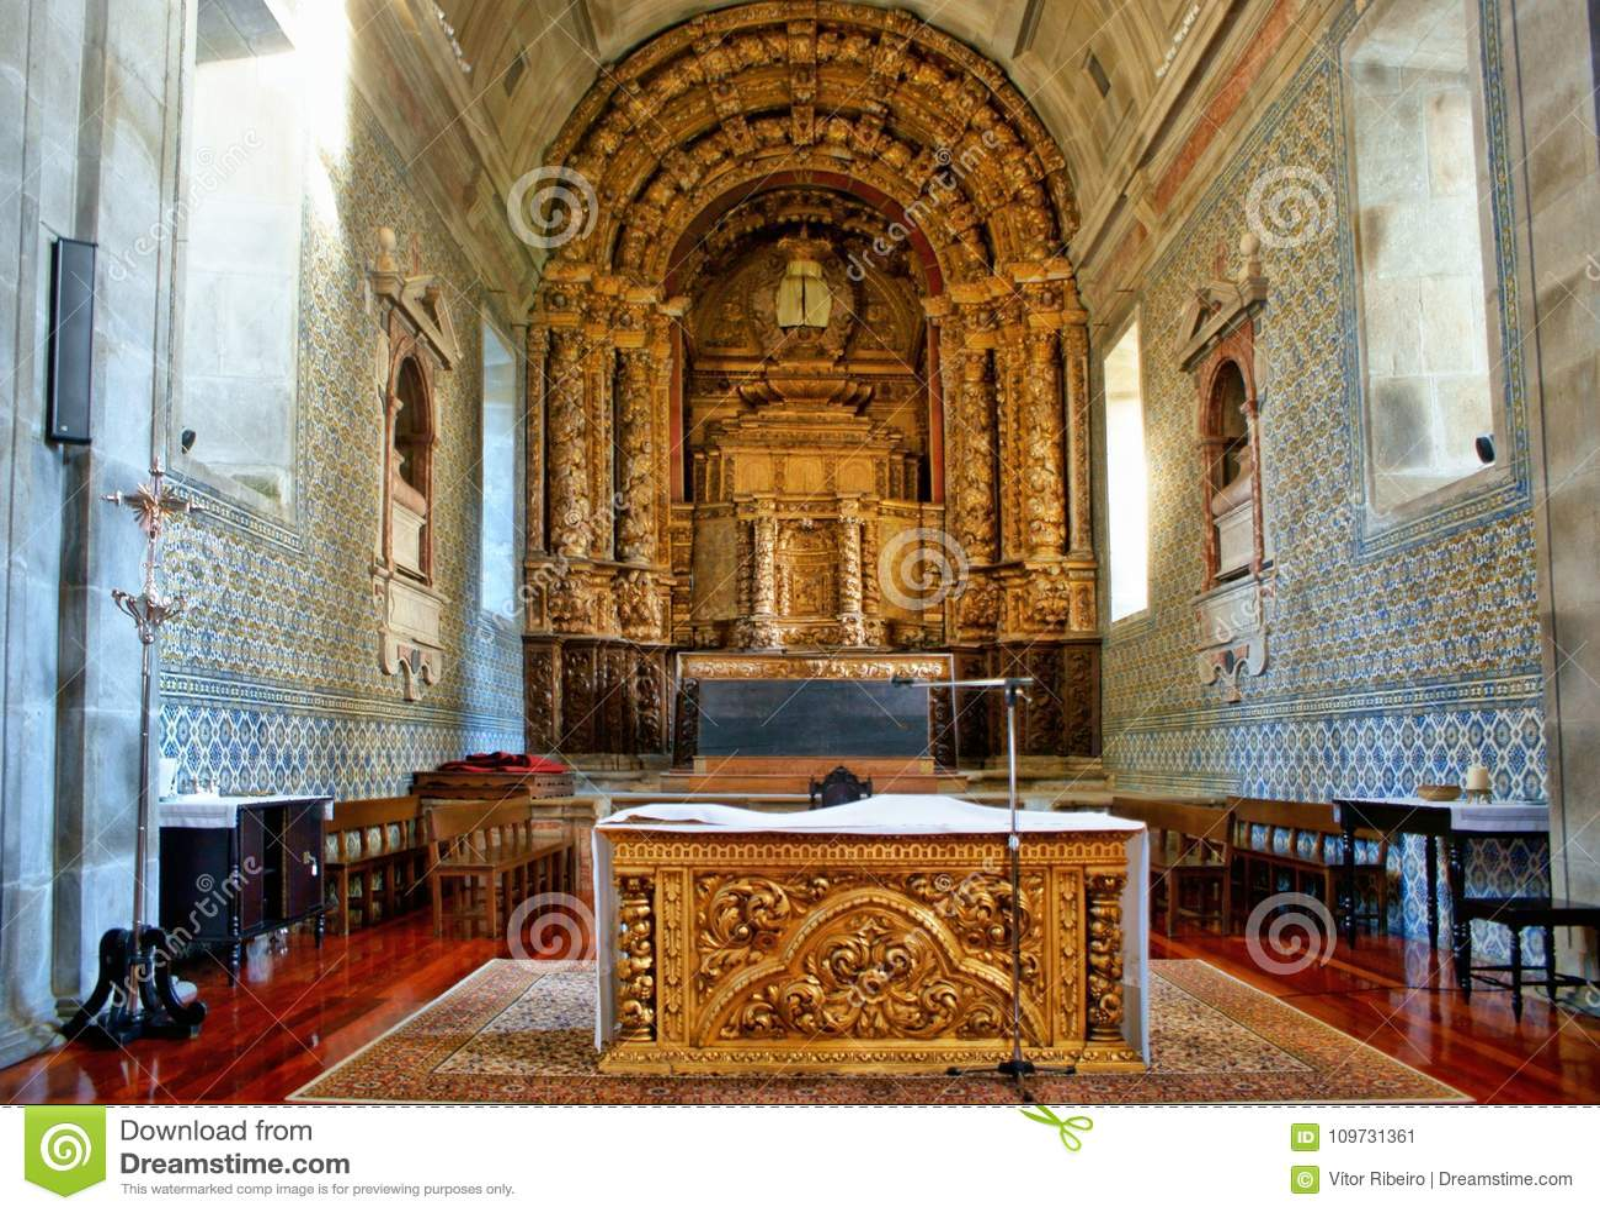 Altar church of Loios in Santa Maria da Feira